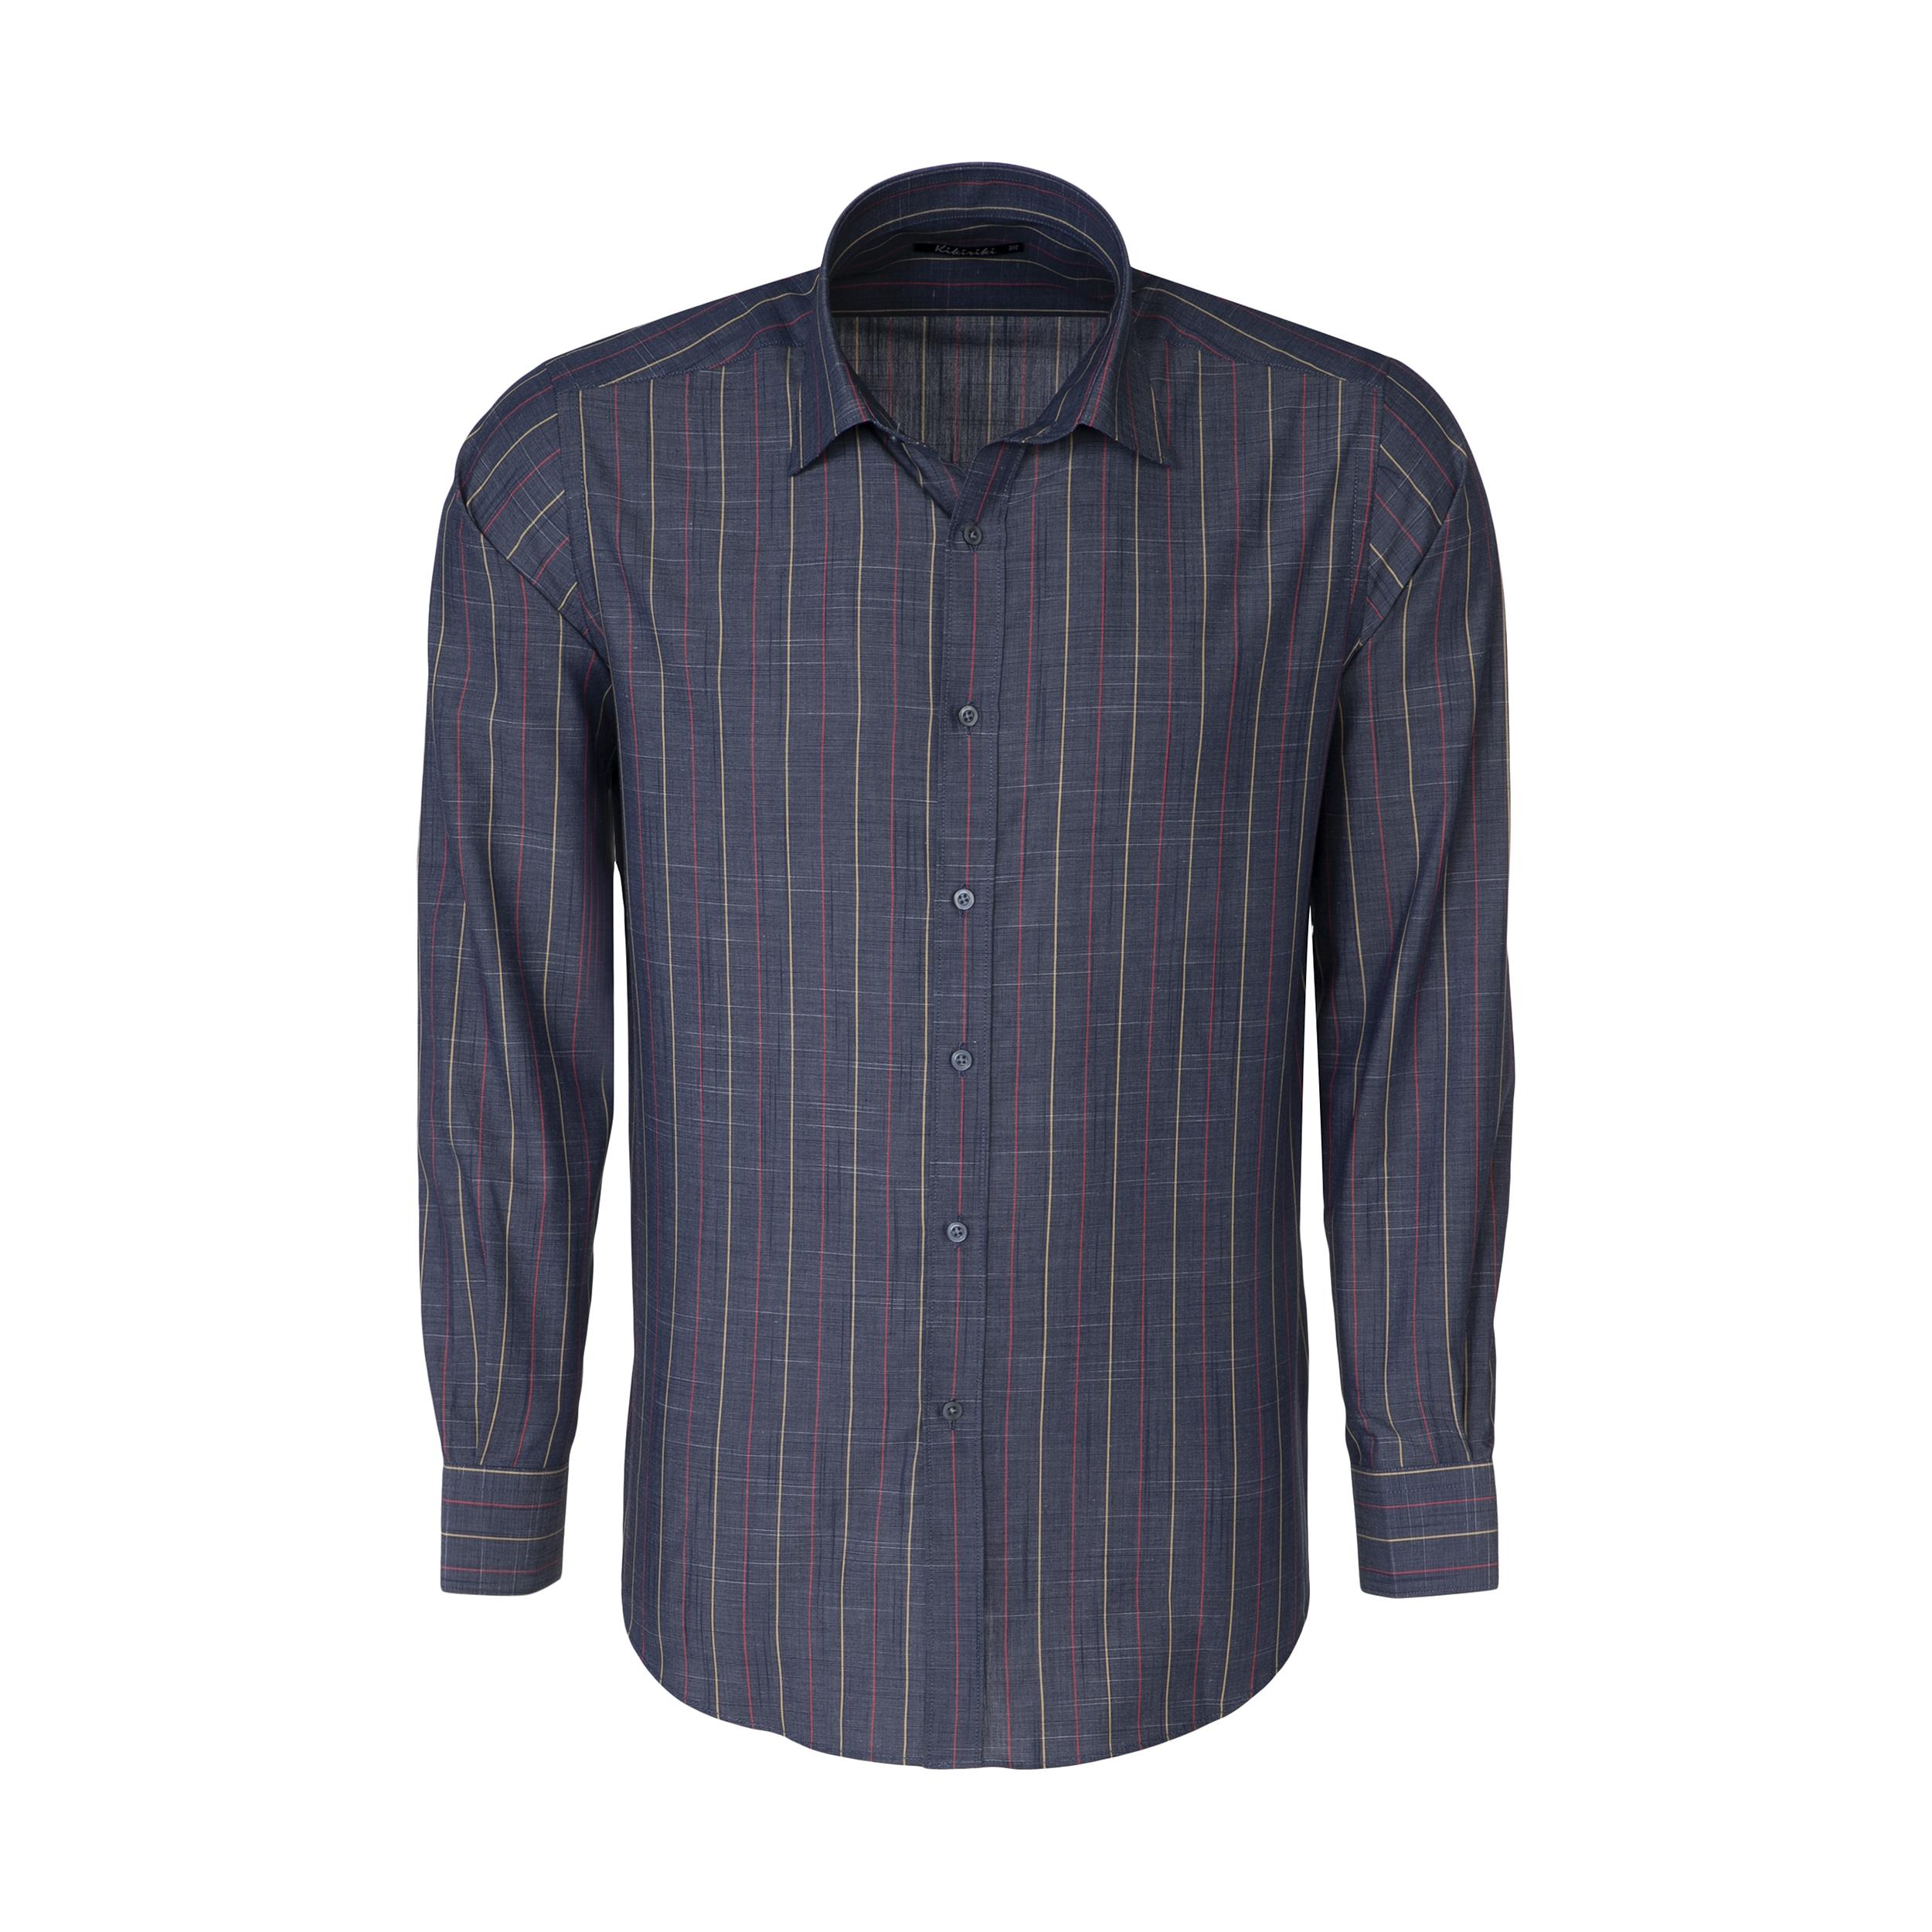 پیراهن آستین بلند مردانه کیکی رایکی مدل MBB2400-001